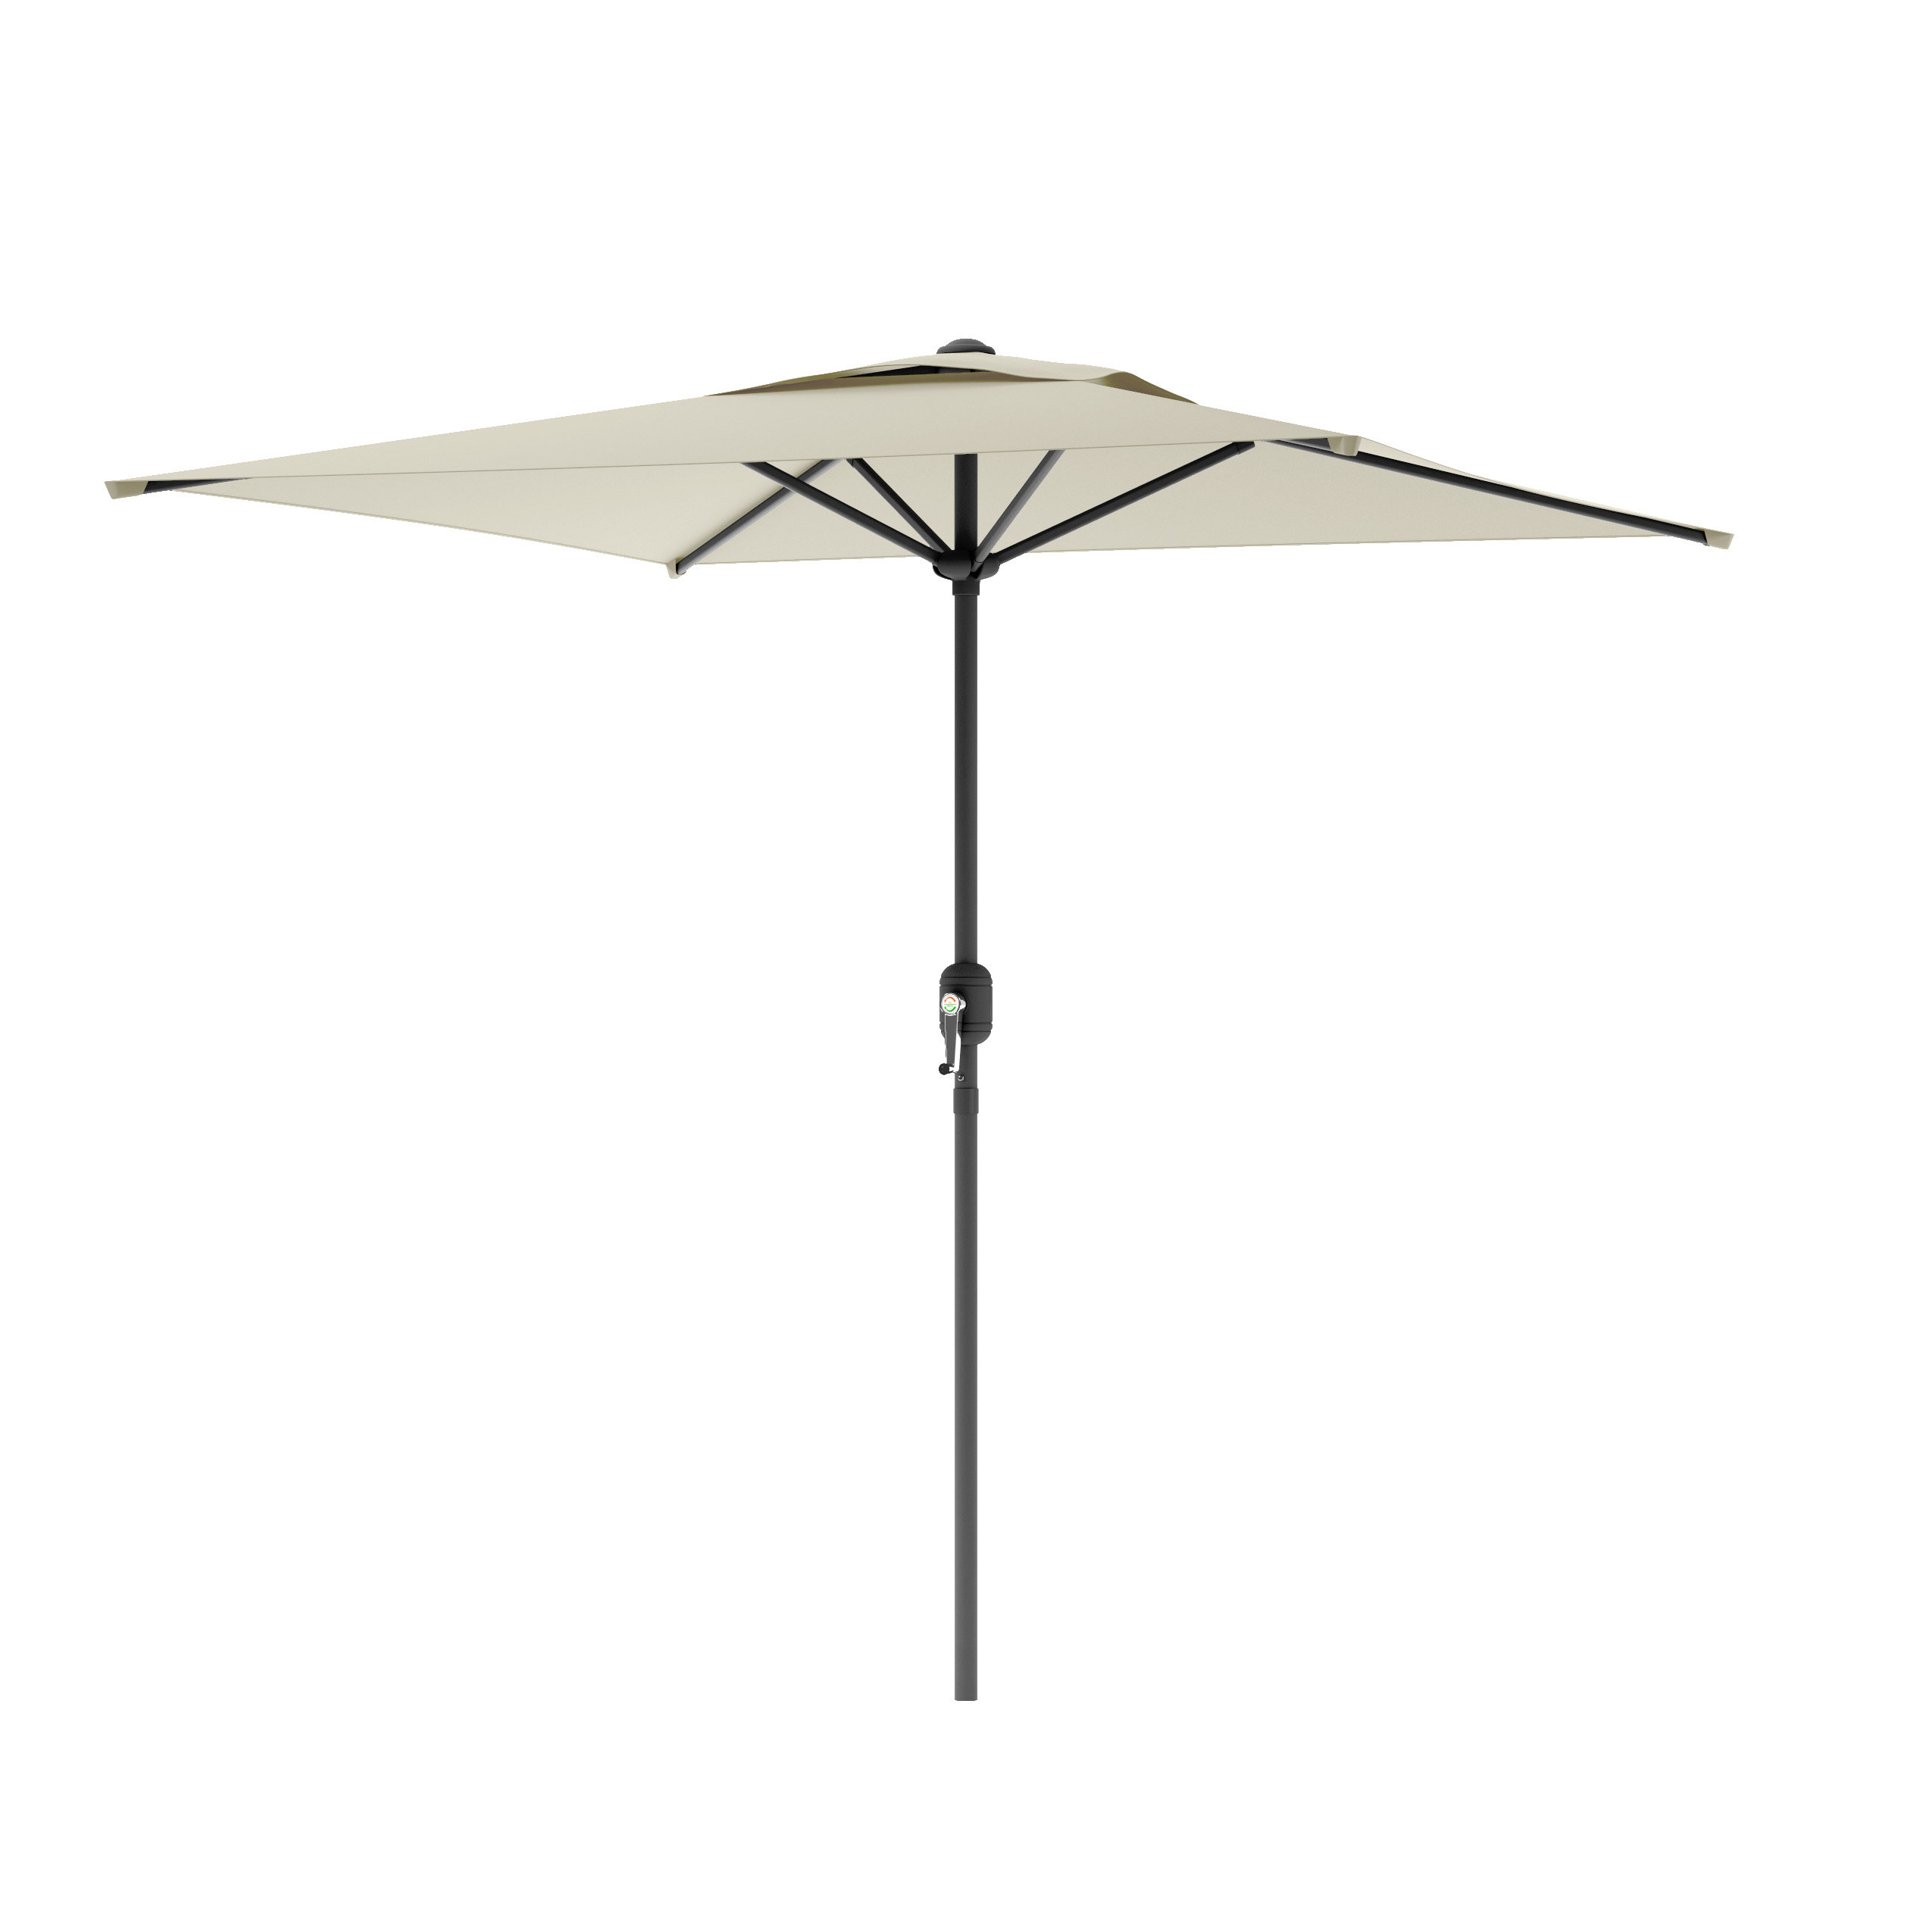 Crowborough 9' Square Market Umbrella For Well Known Crowborough Square Market Umbrellas (View 3 of 20)